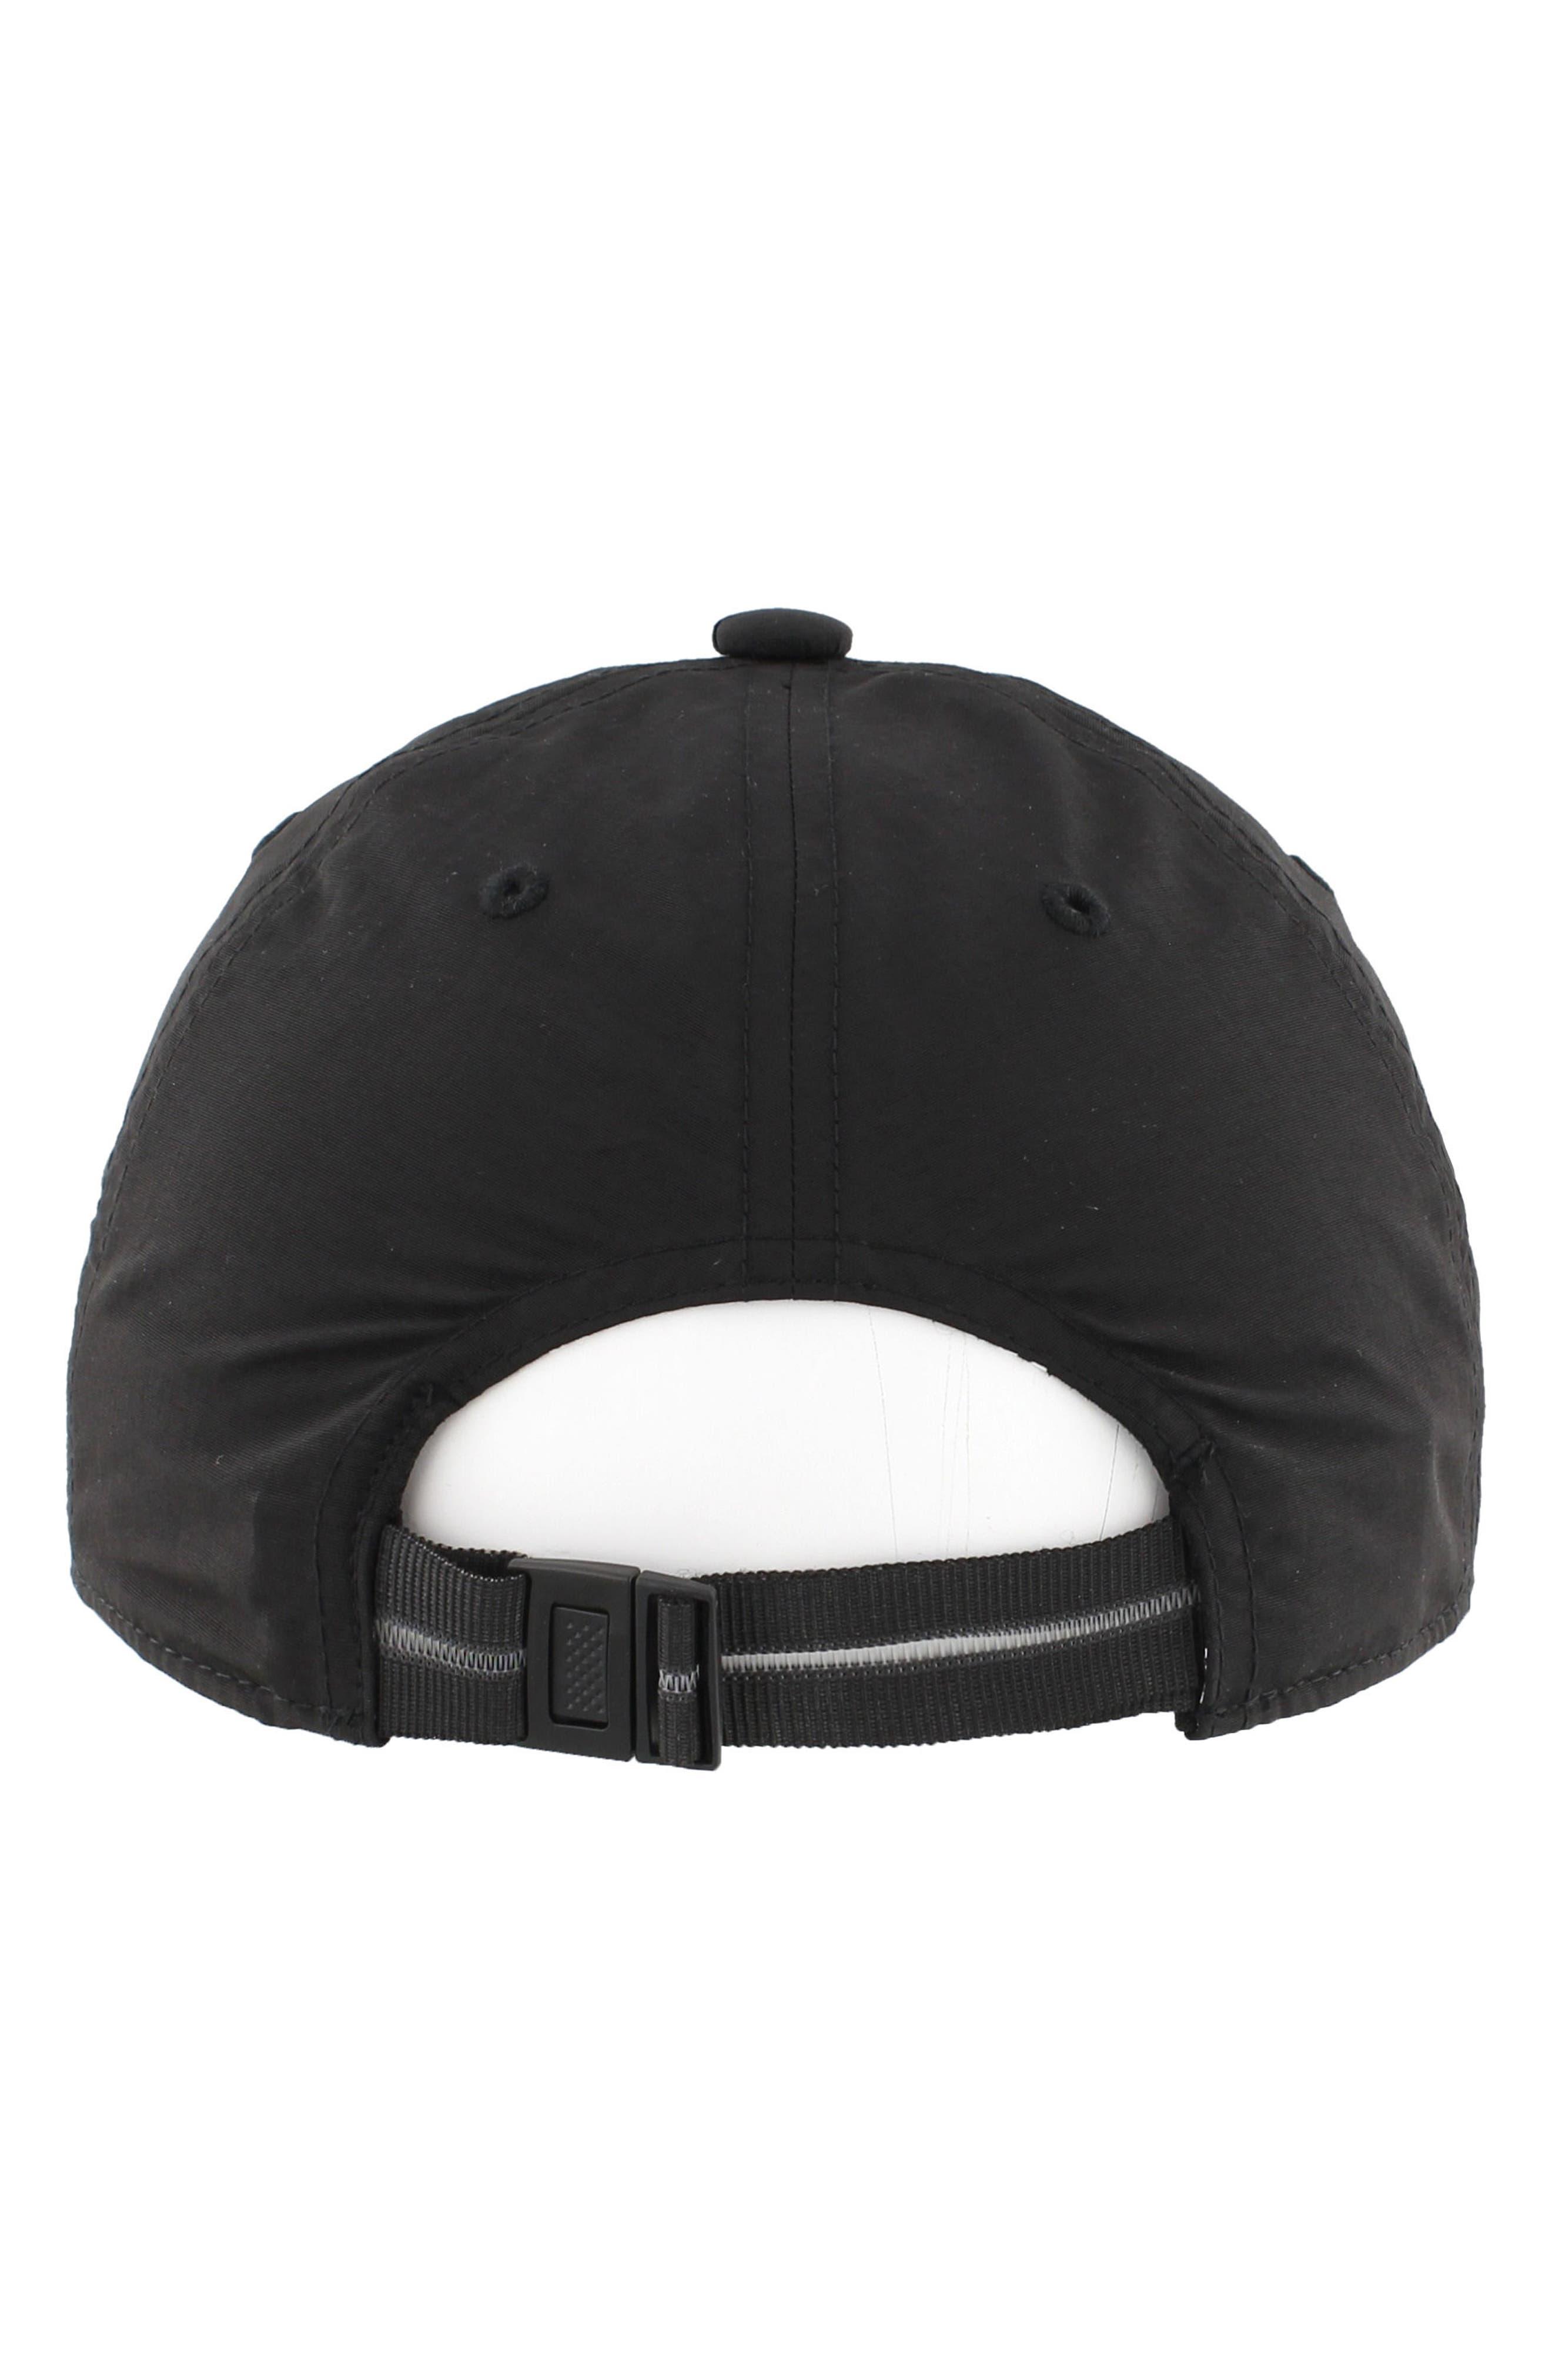 EQT Label Ball Cap,                             Alternate thumbnail 5, color,                             Black/ White